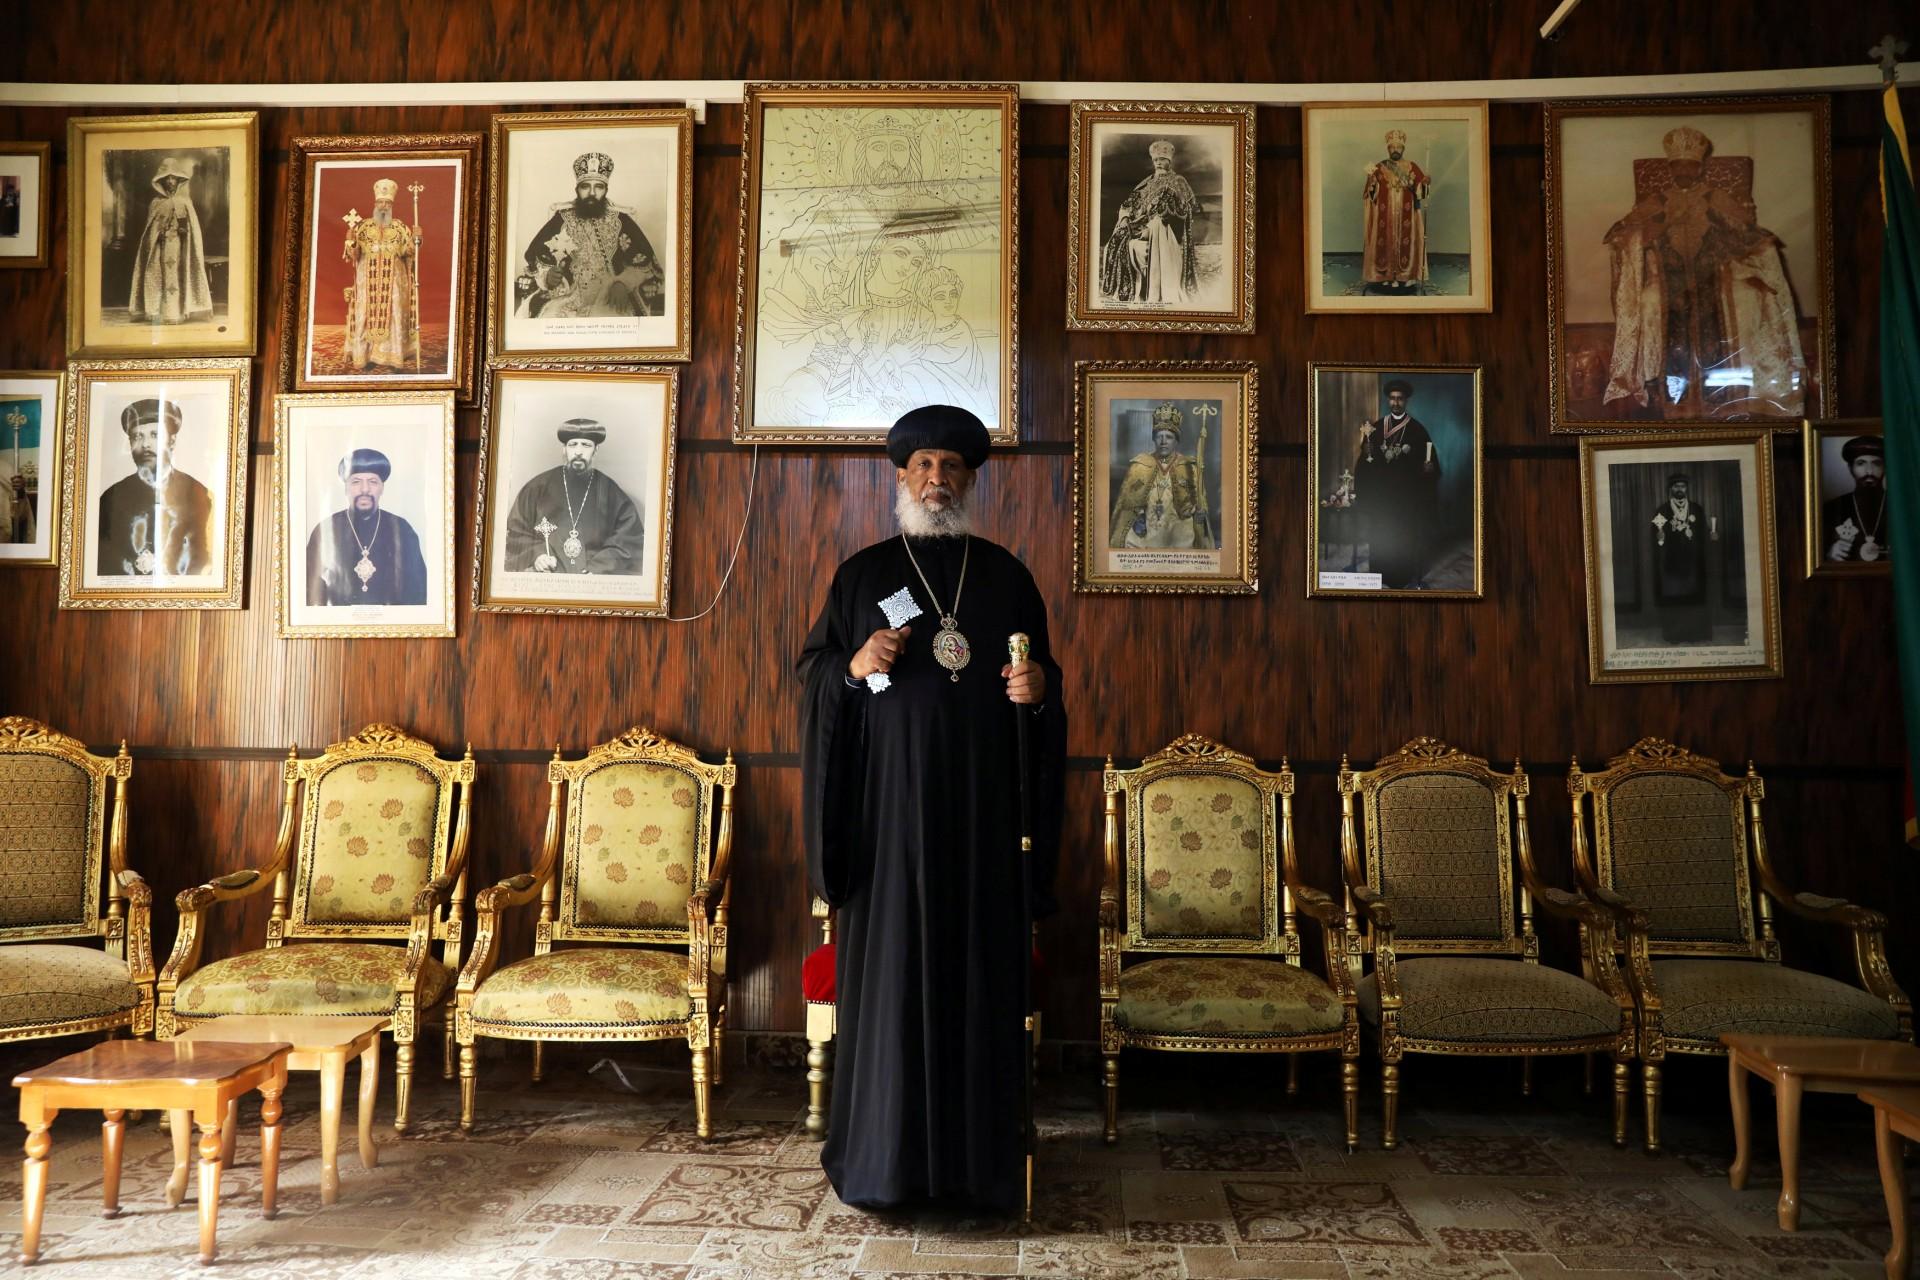 Su Gracia Abune Enbakom, Arzobispo de la Iglesia Ortodoxa Etíope en Jerusalén, posa para una fotografía en el Patriarcado Ortodoxo Etíope en la Ciudad Vieja de Jerusalén, 20 de marzo de 2018.